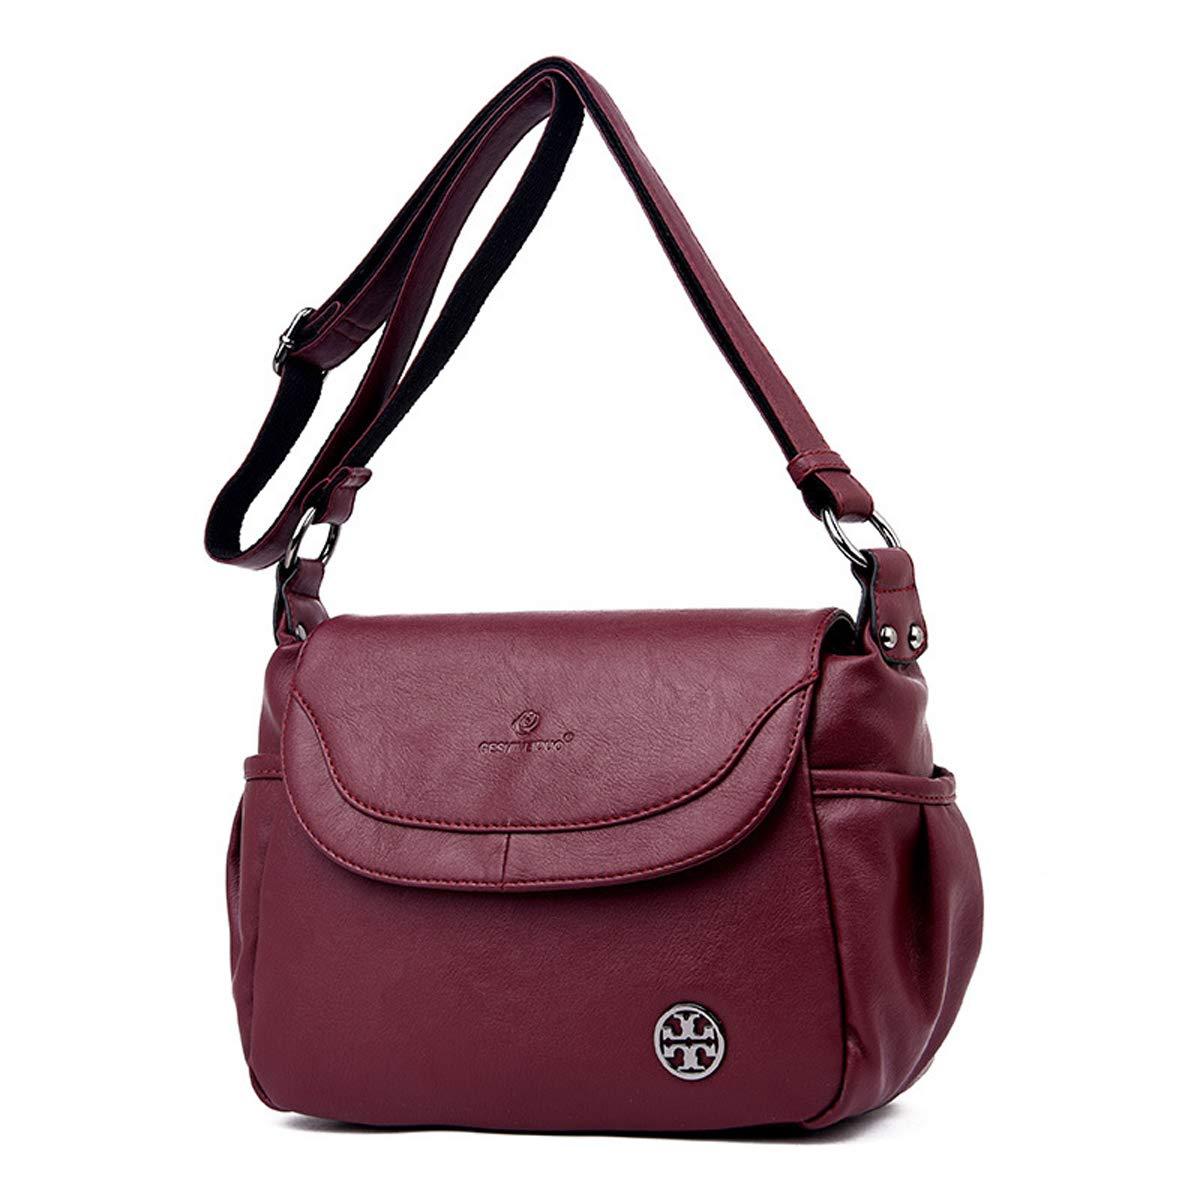 Neue Mode Pu Frauen Schulter Taschen Weibliche Schwarze Umhängetasche Hohe Qualität Weiche Damen Crossbody-tasche Zarte Kleine Hangbags Gepäck & Taschen